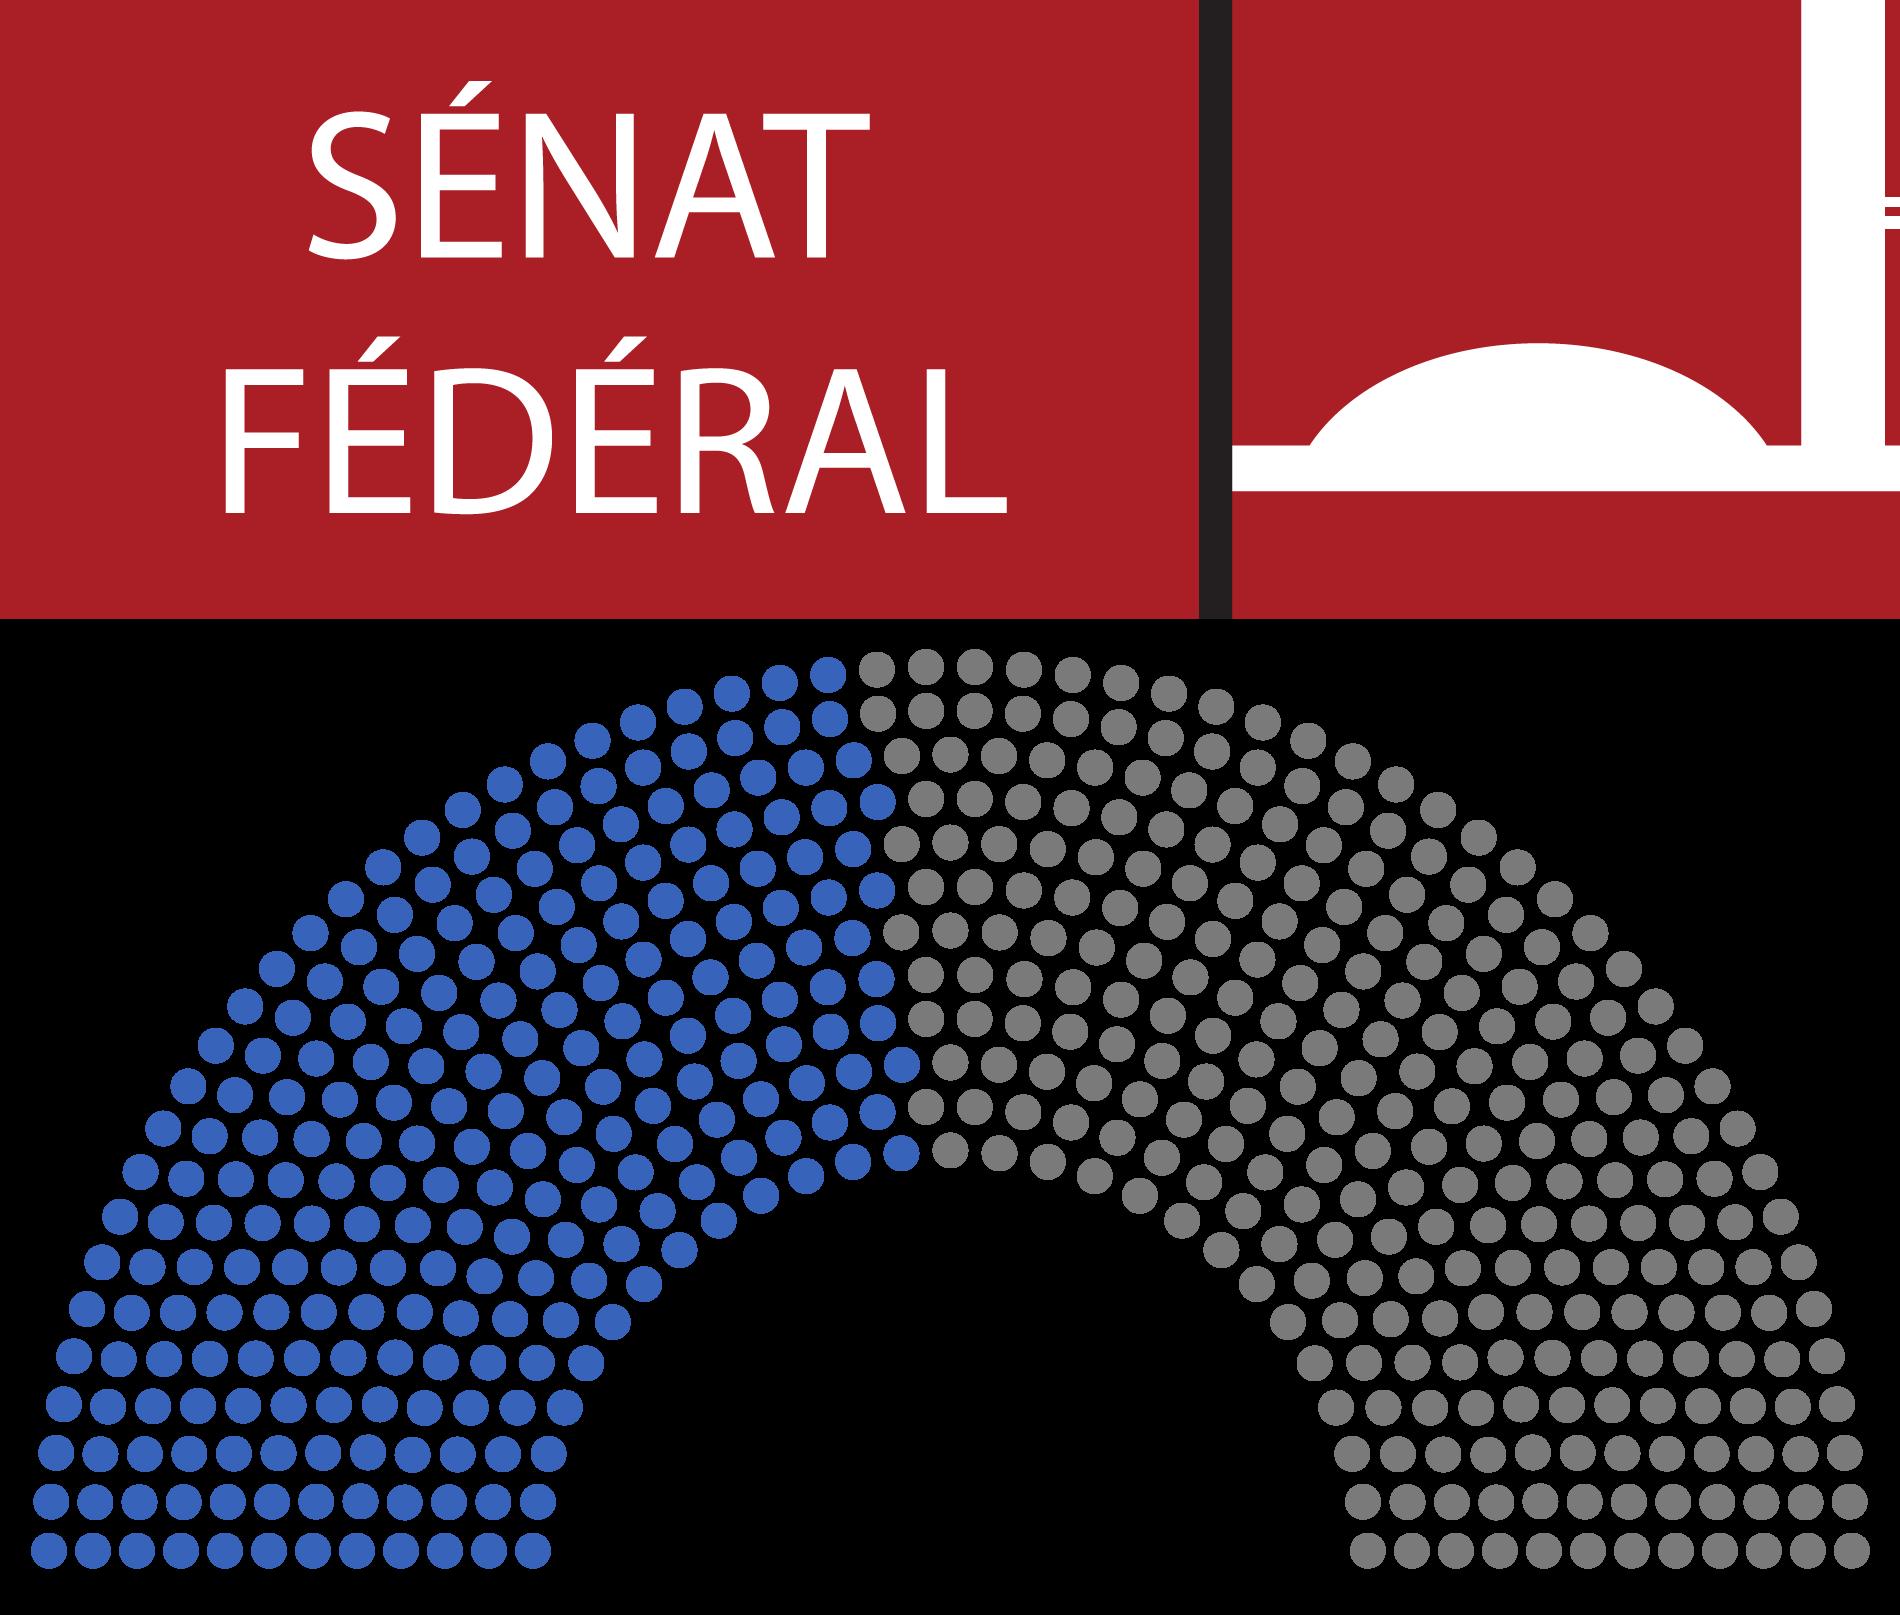 Senat-Federal-March-2019.png